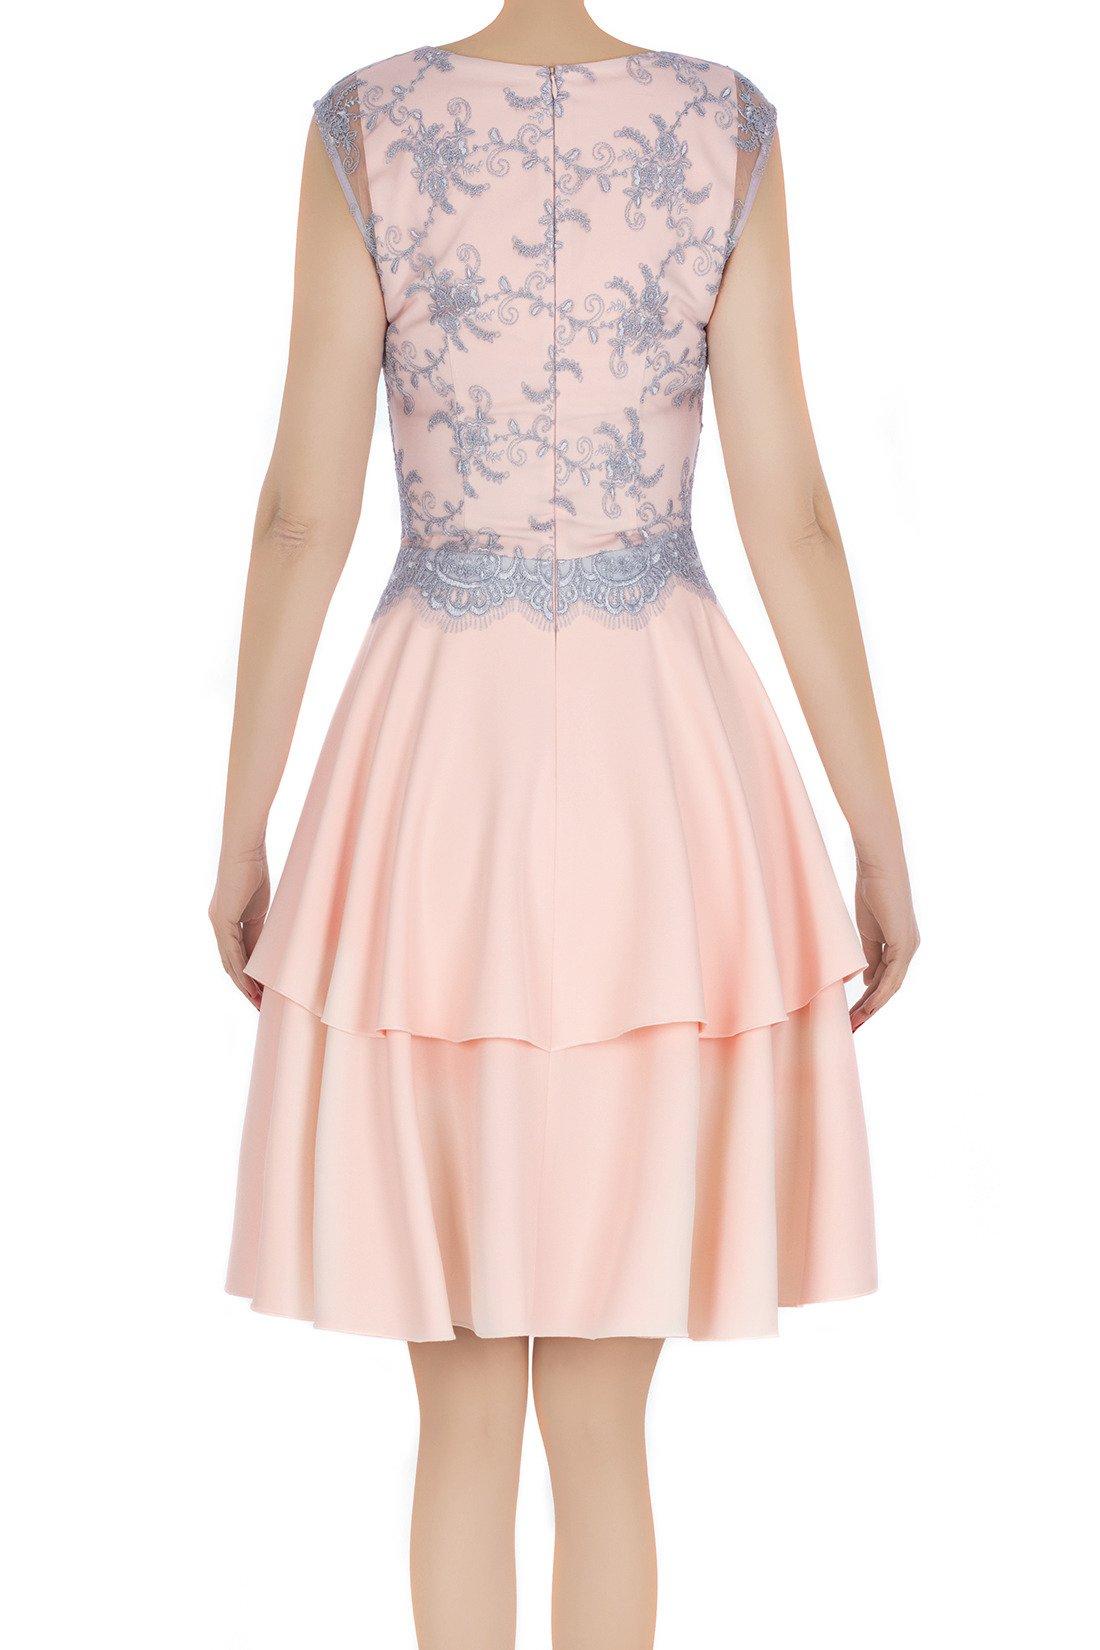 5140335353 Elegancka sukienka damska Feero pudrowy róż z szarą koronką 3227 Kliknij